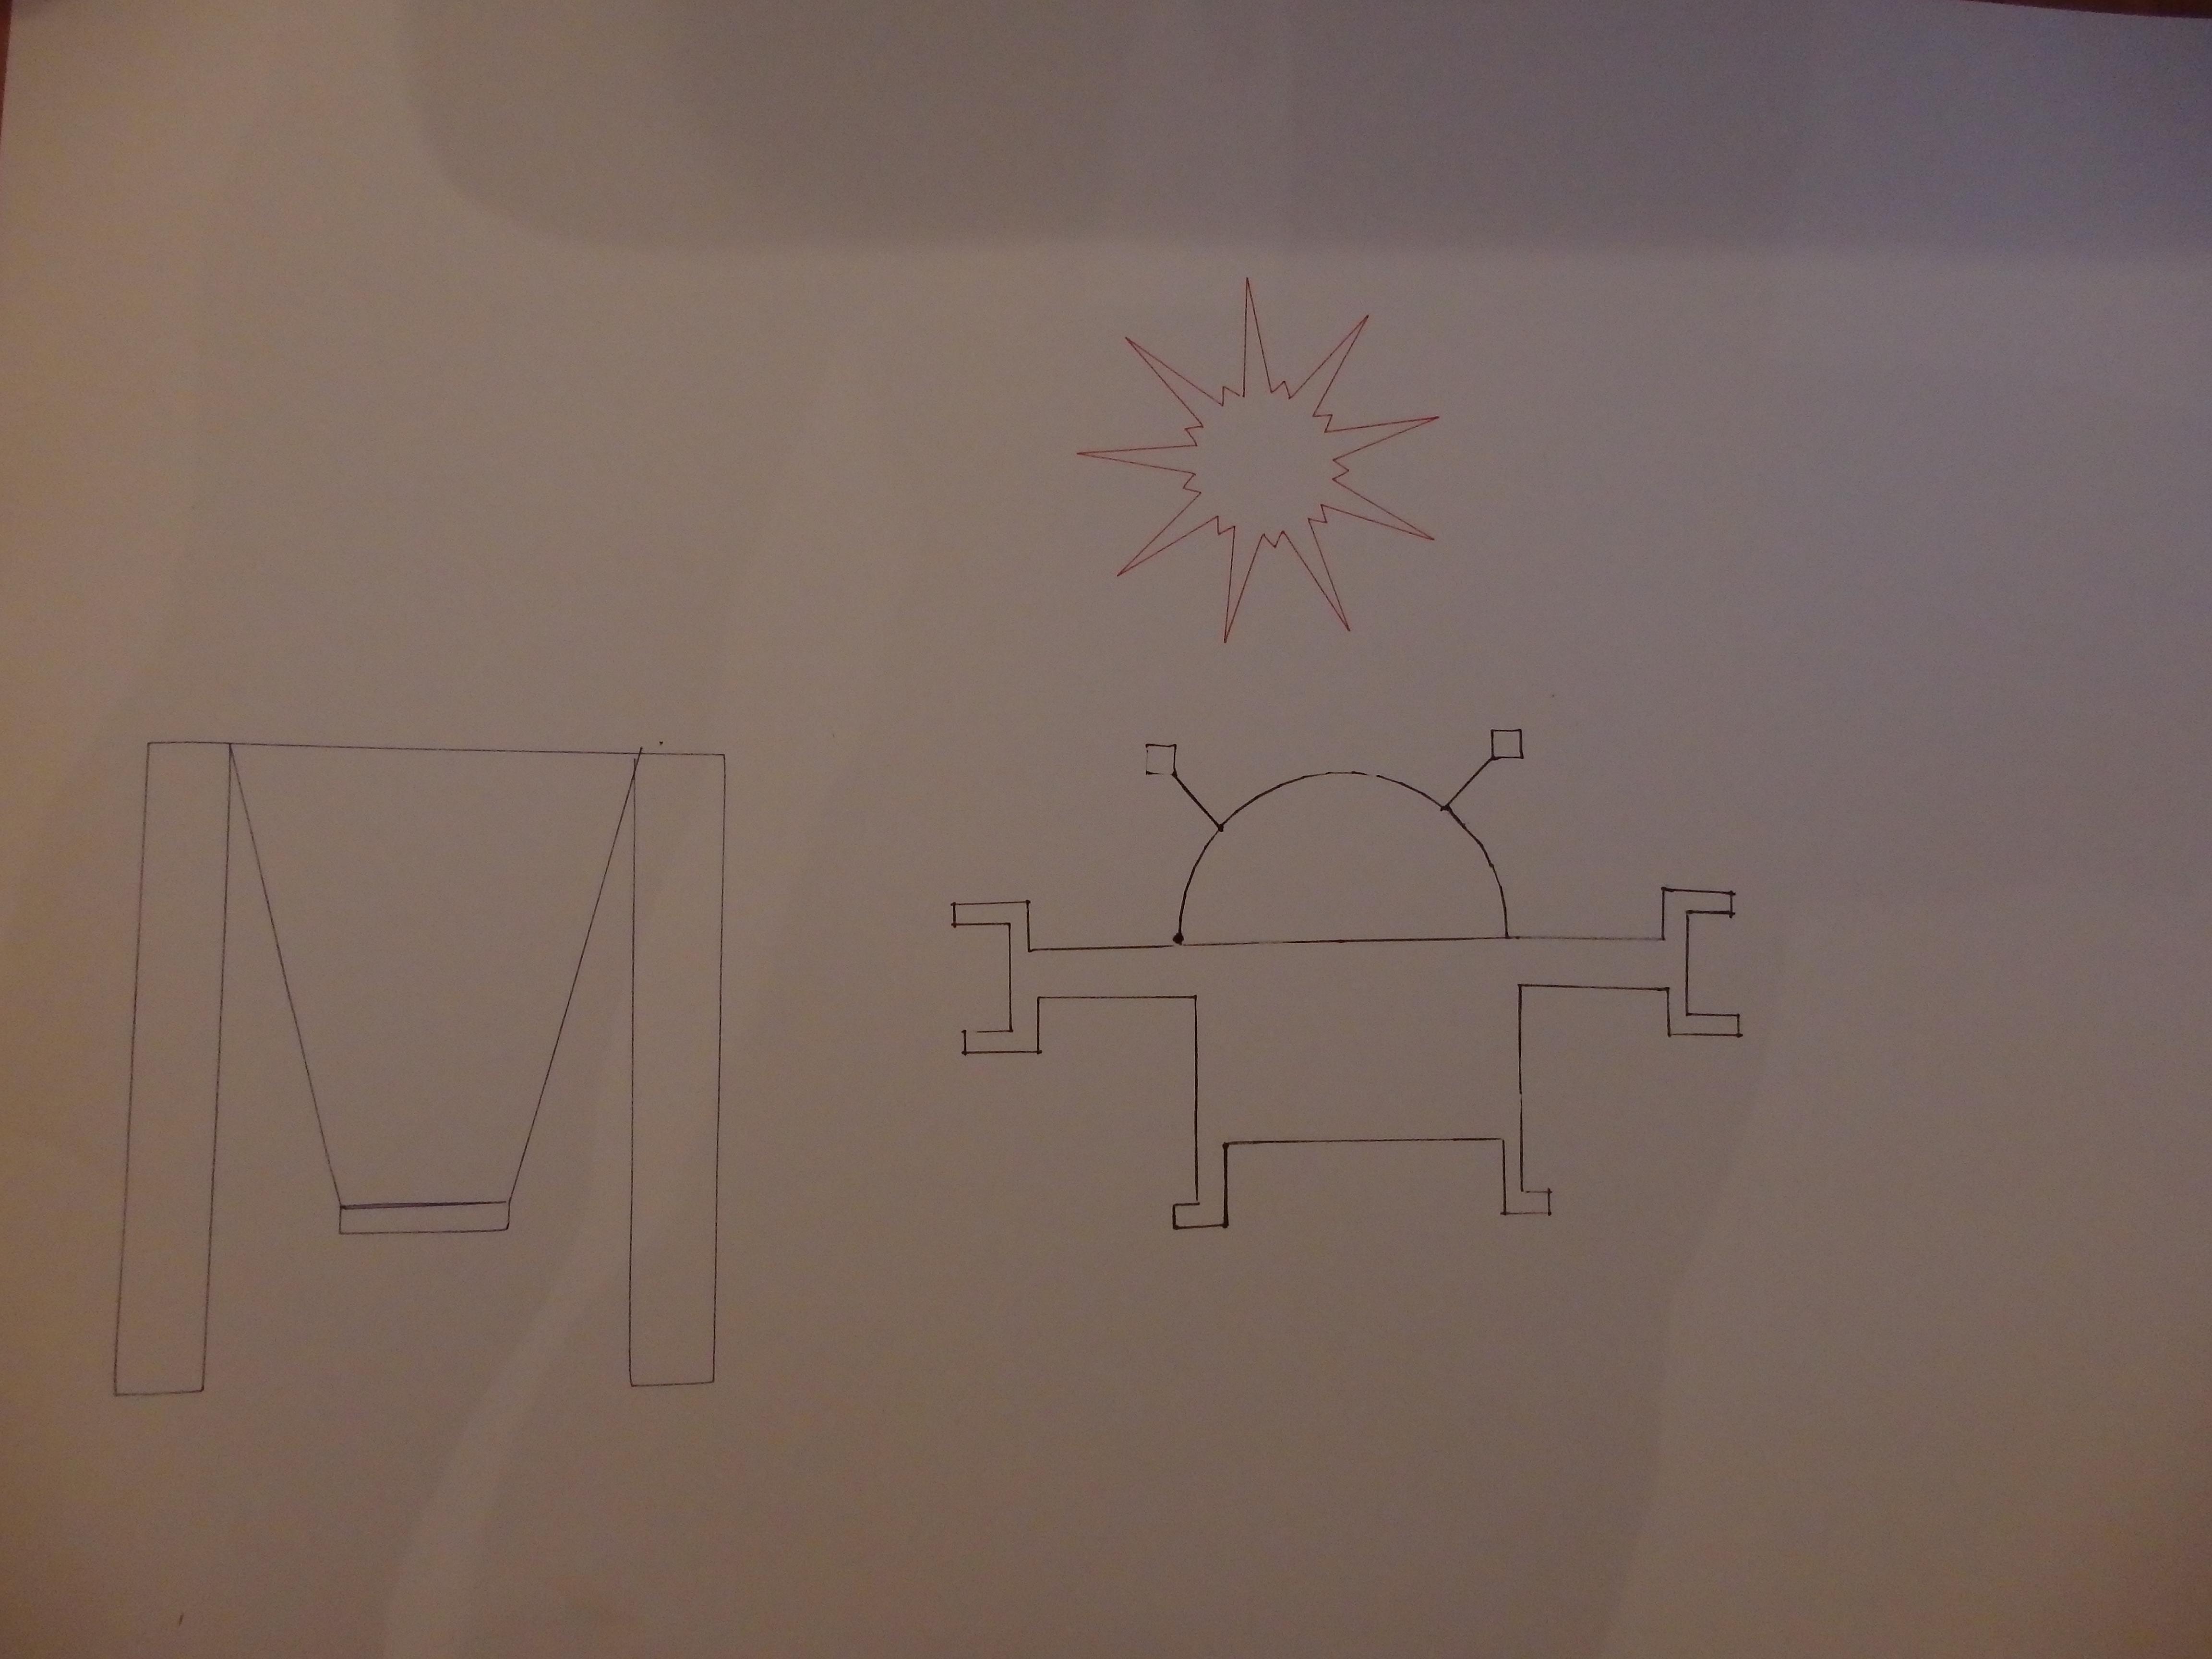 Robot, sunce i ljuljačka